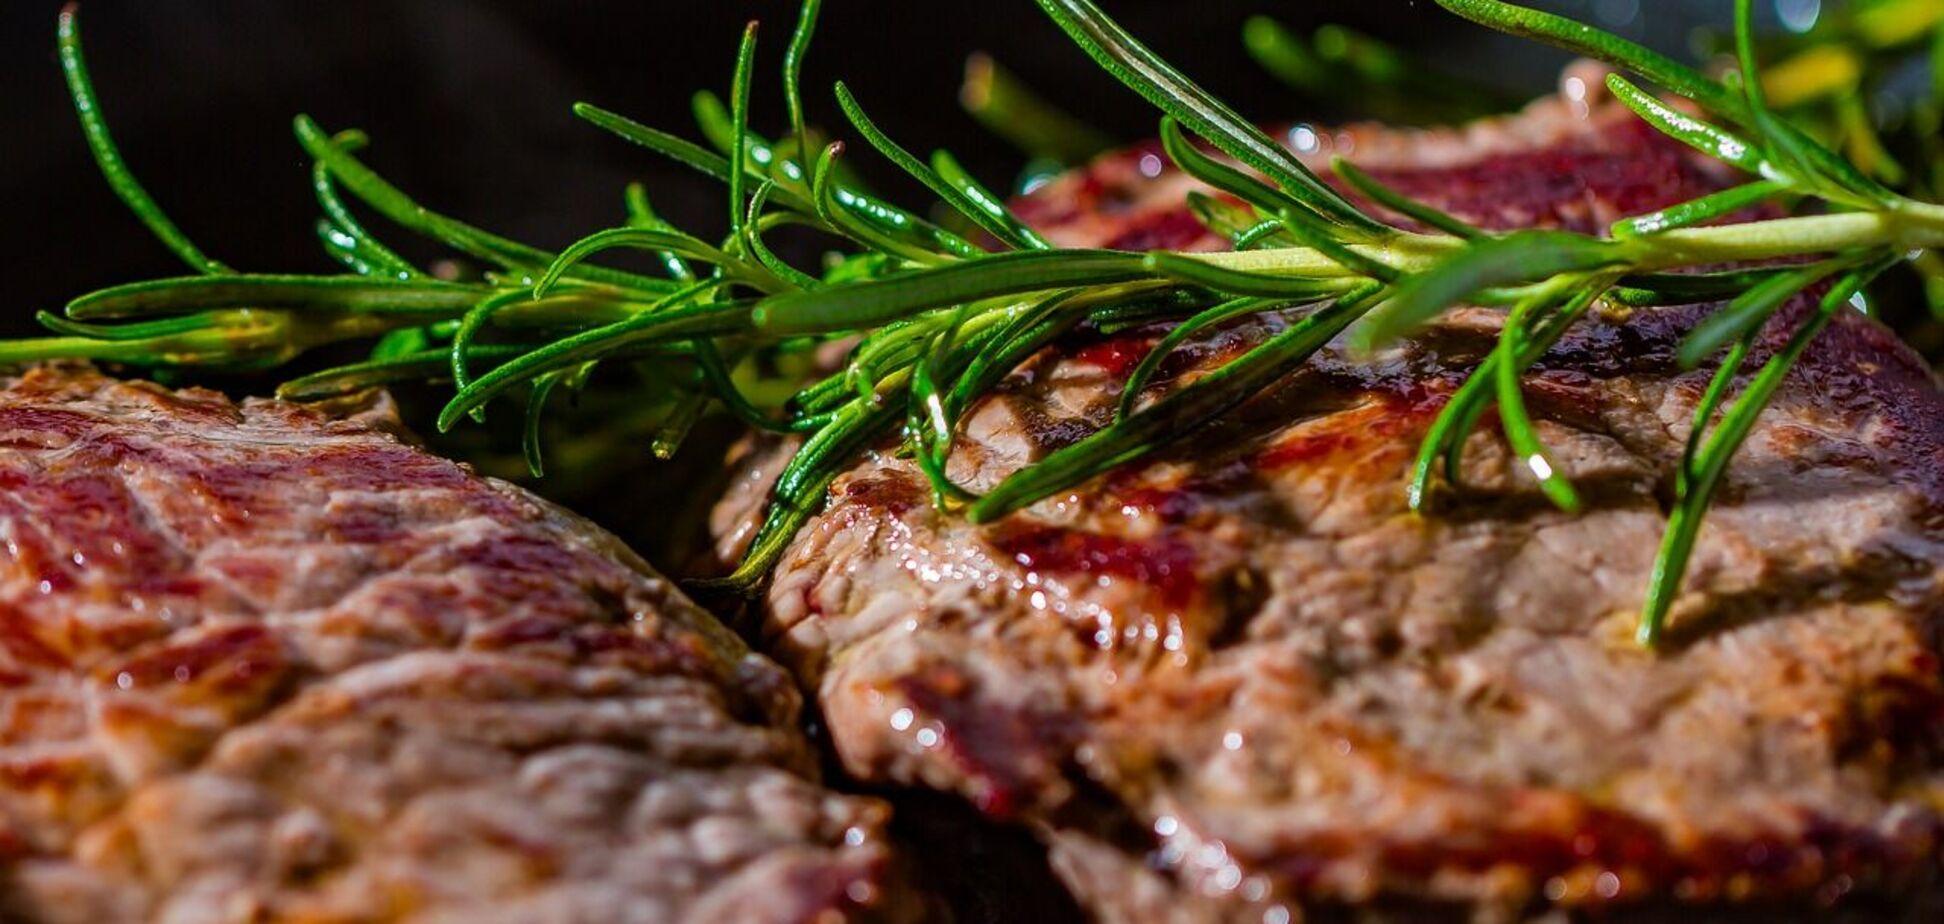 Як дізнатися фальсифікат м'яса